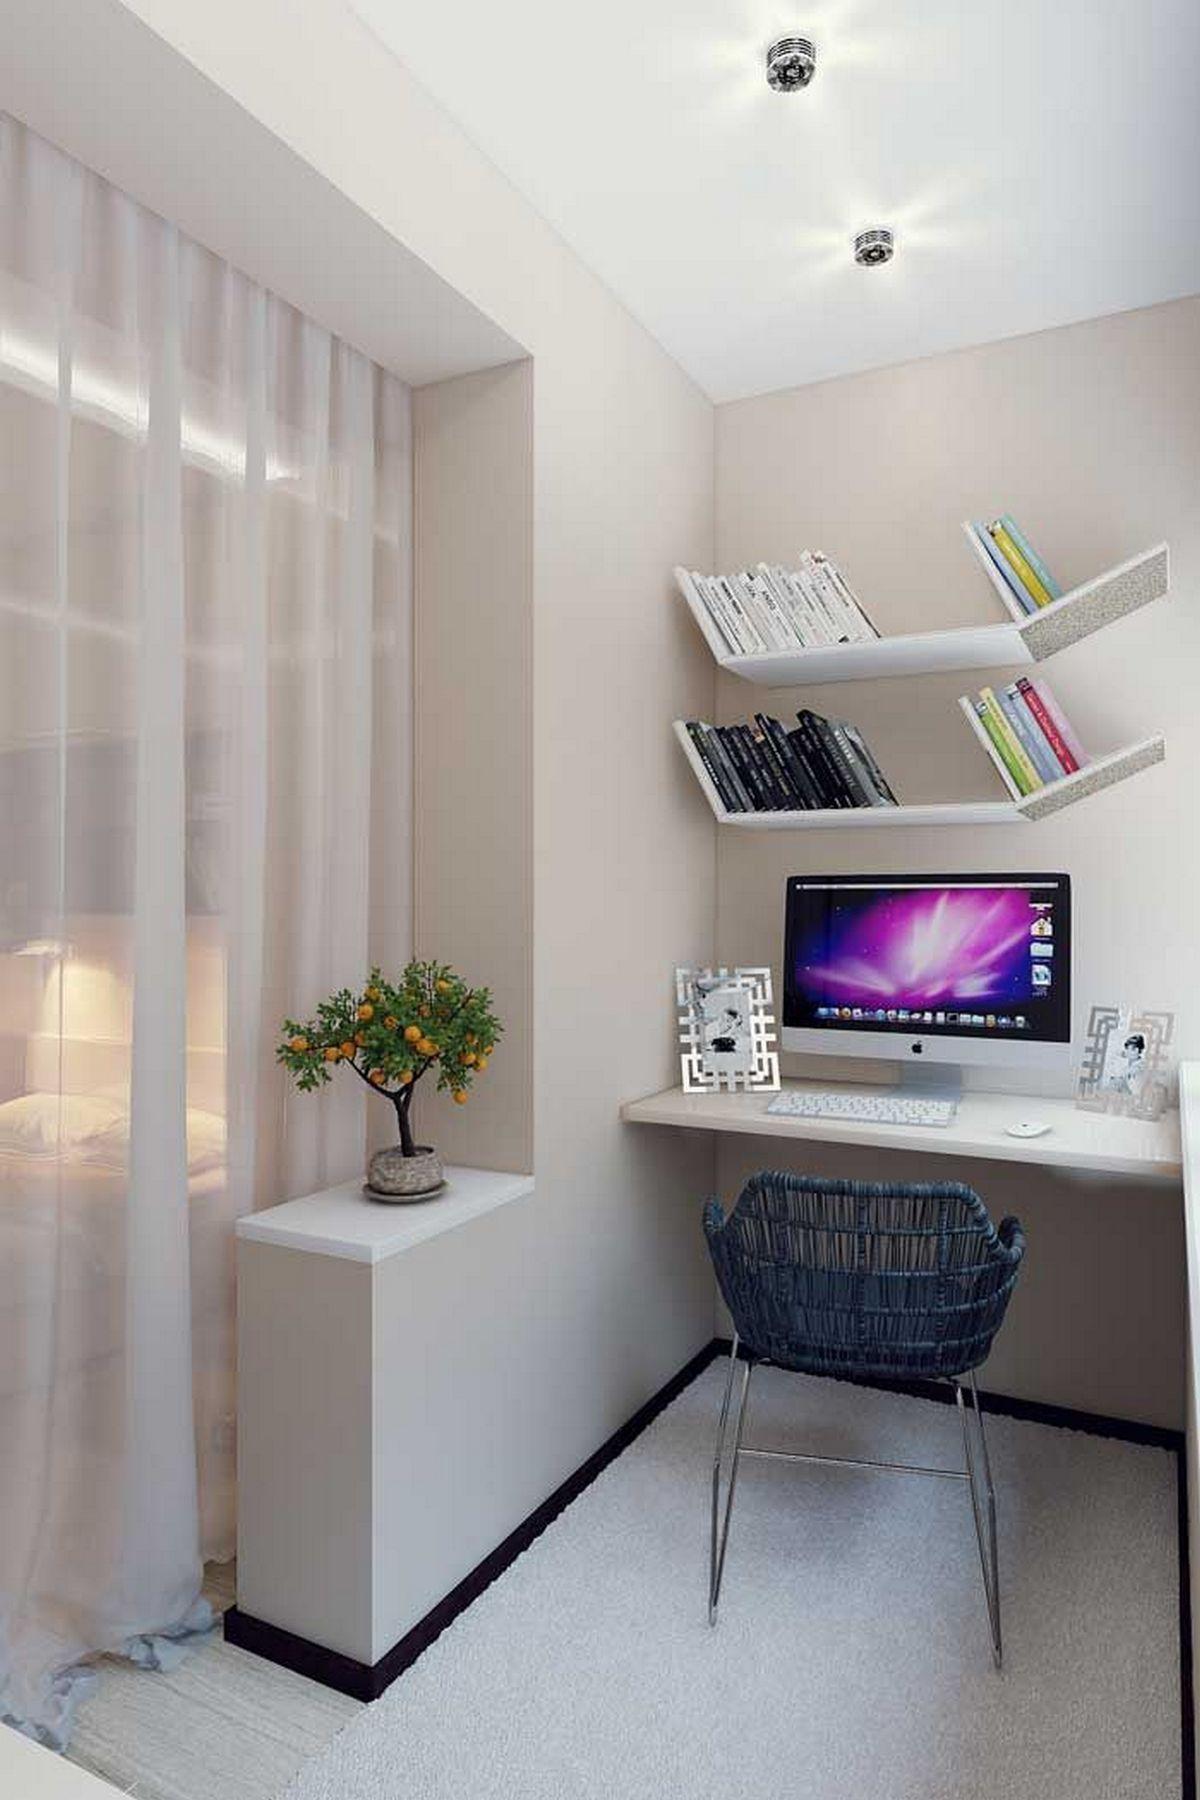 дизайн комнаты гостиной балкона